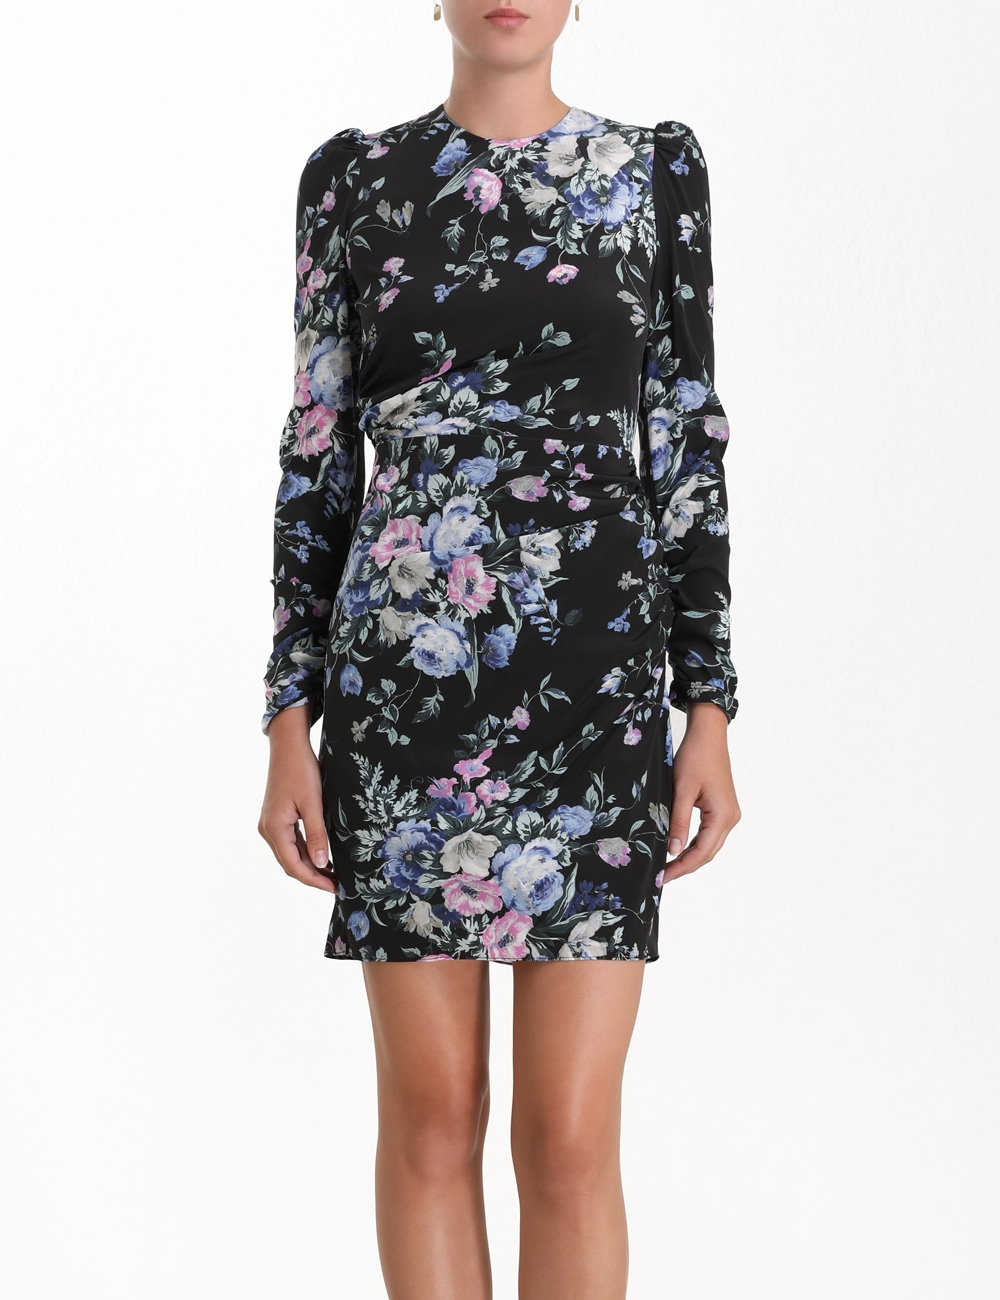 Moncur Drape Short Dress